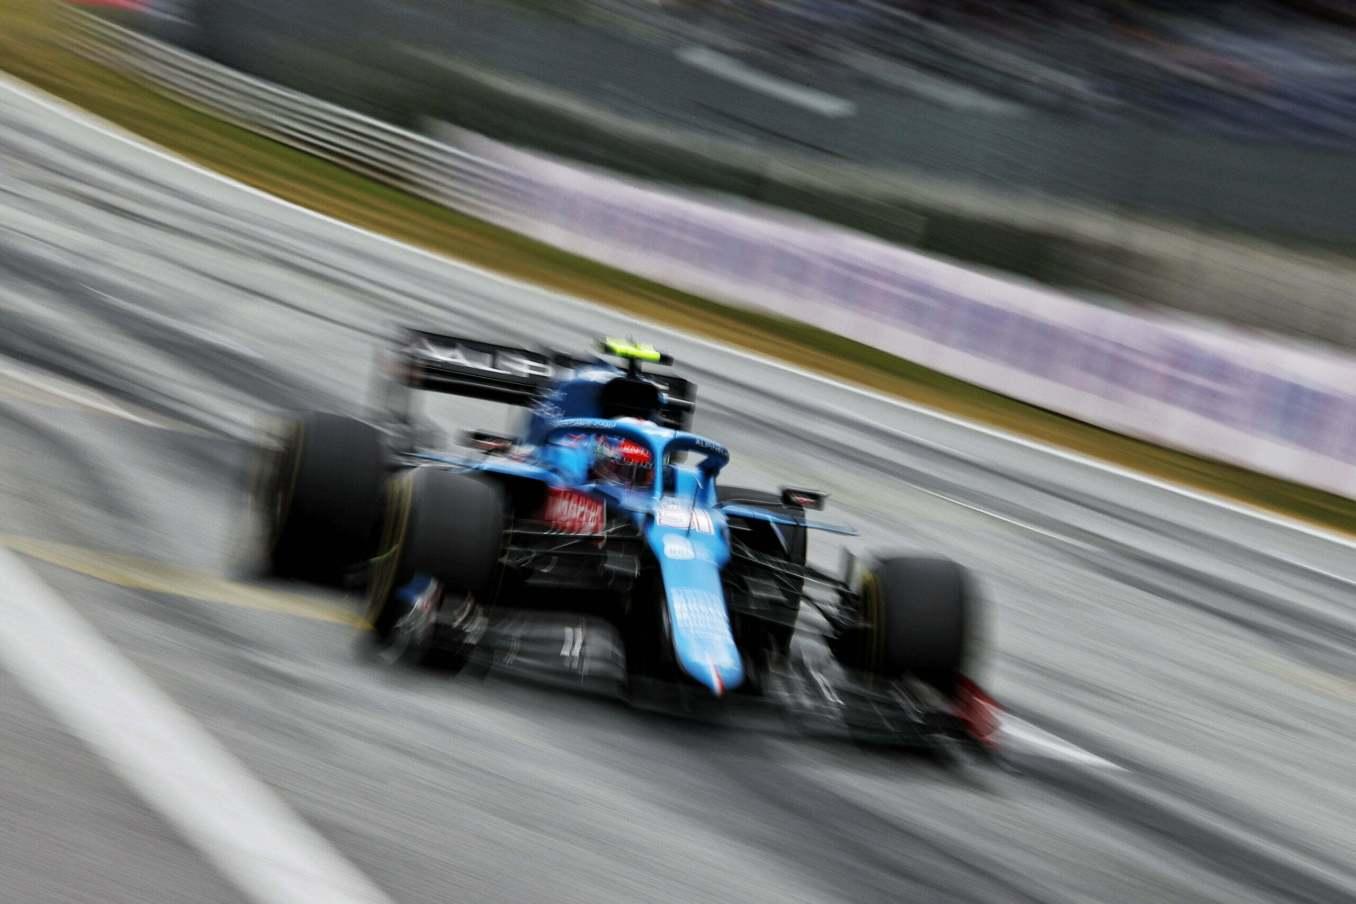 Alpine F1 Alonso Ocon A521 GP Autriche Spielberg 2021 14 scaled | Alpine F1 : Alonso rapporte un point au Grand-Prix d'Autriche